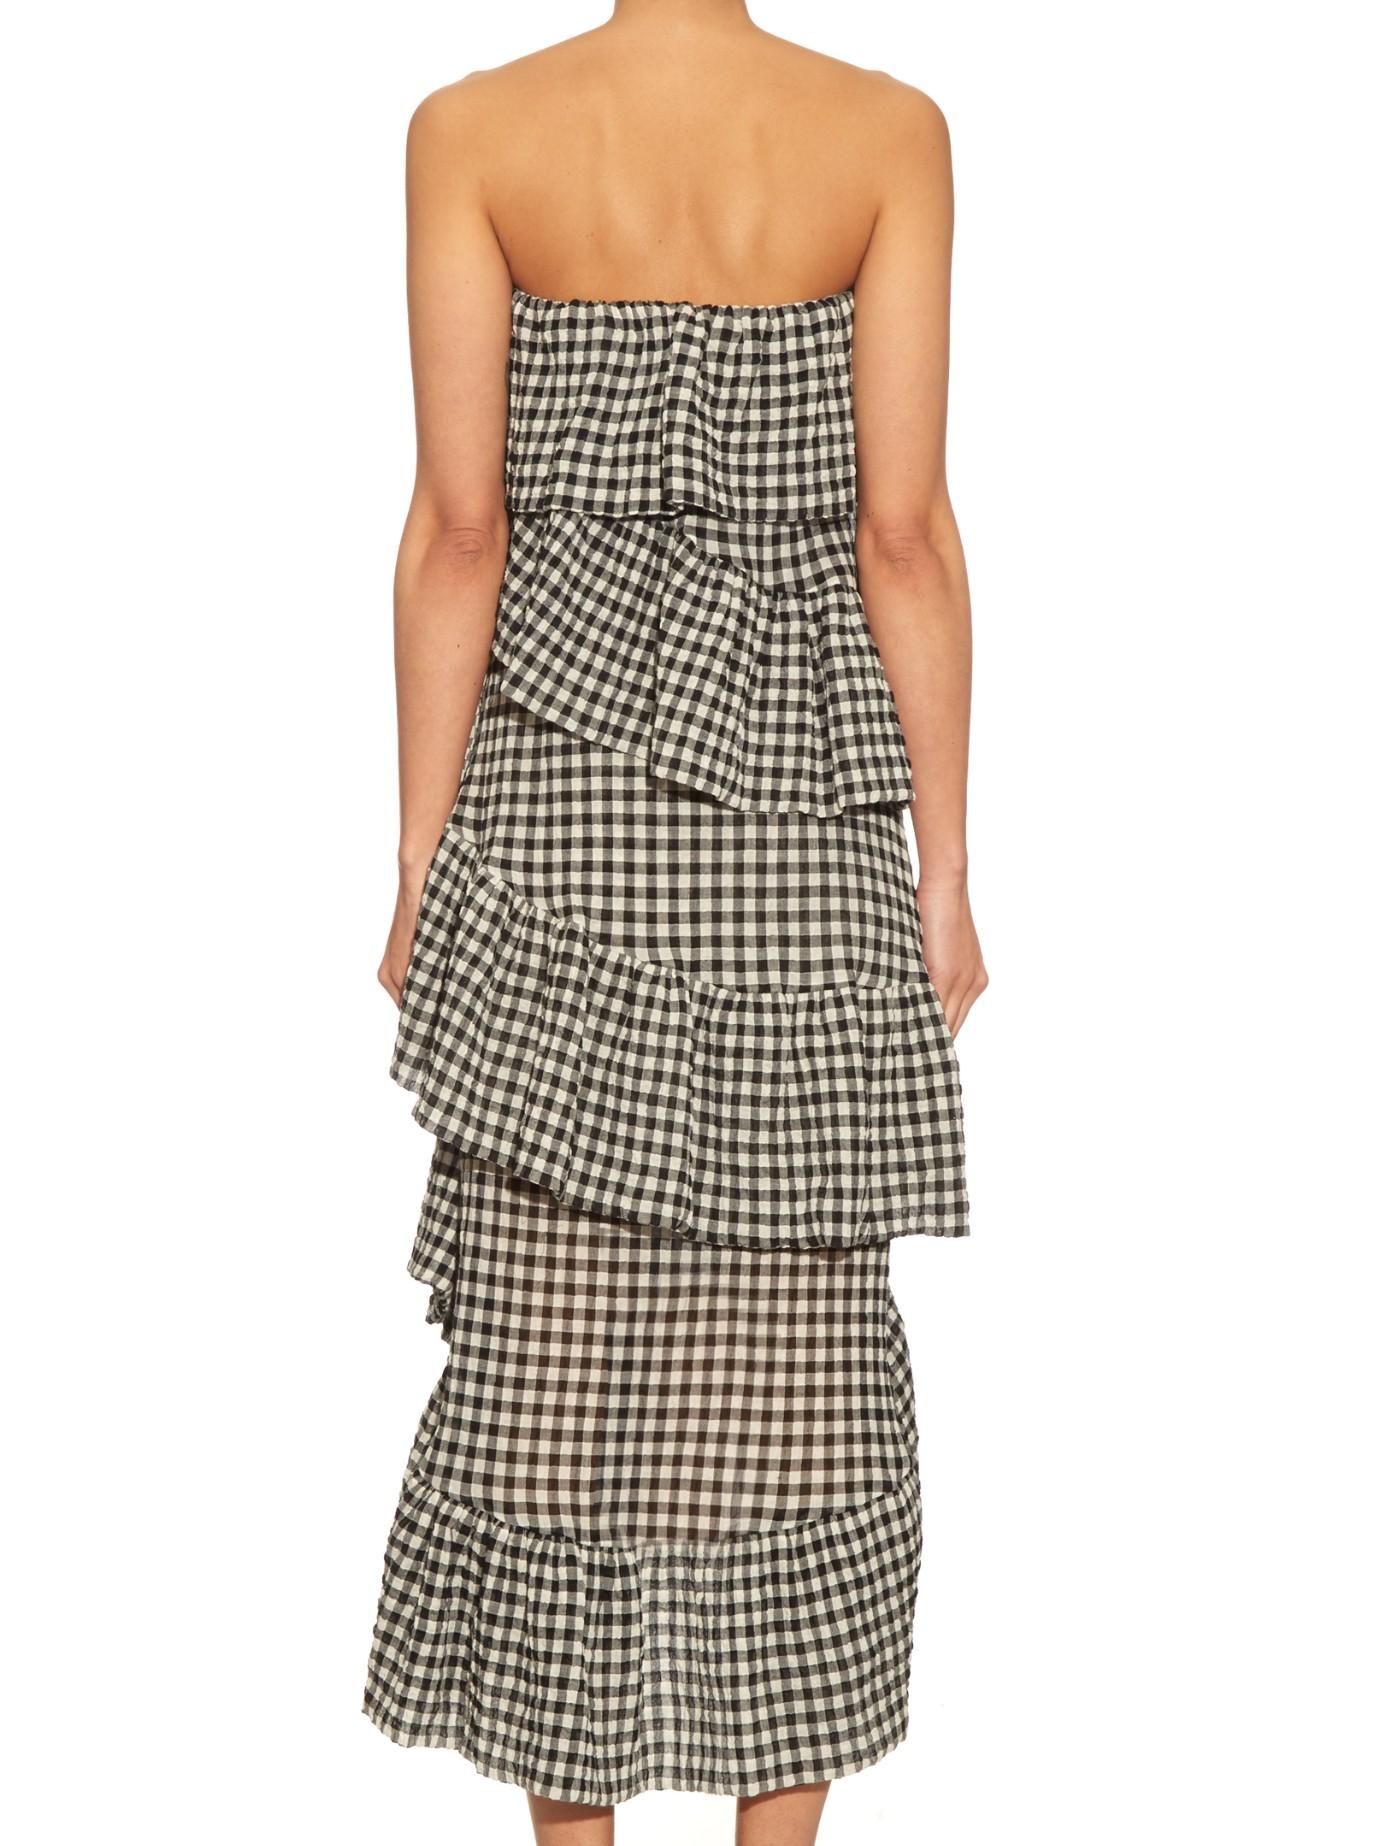 Isa arfen Ruffled Cotton-blend Strapless Dress in Black | Lyst